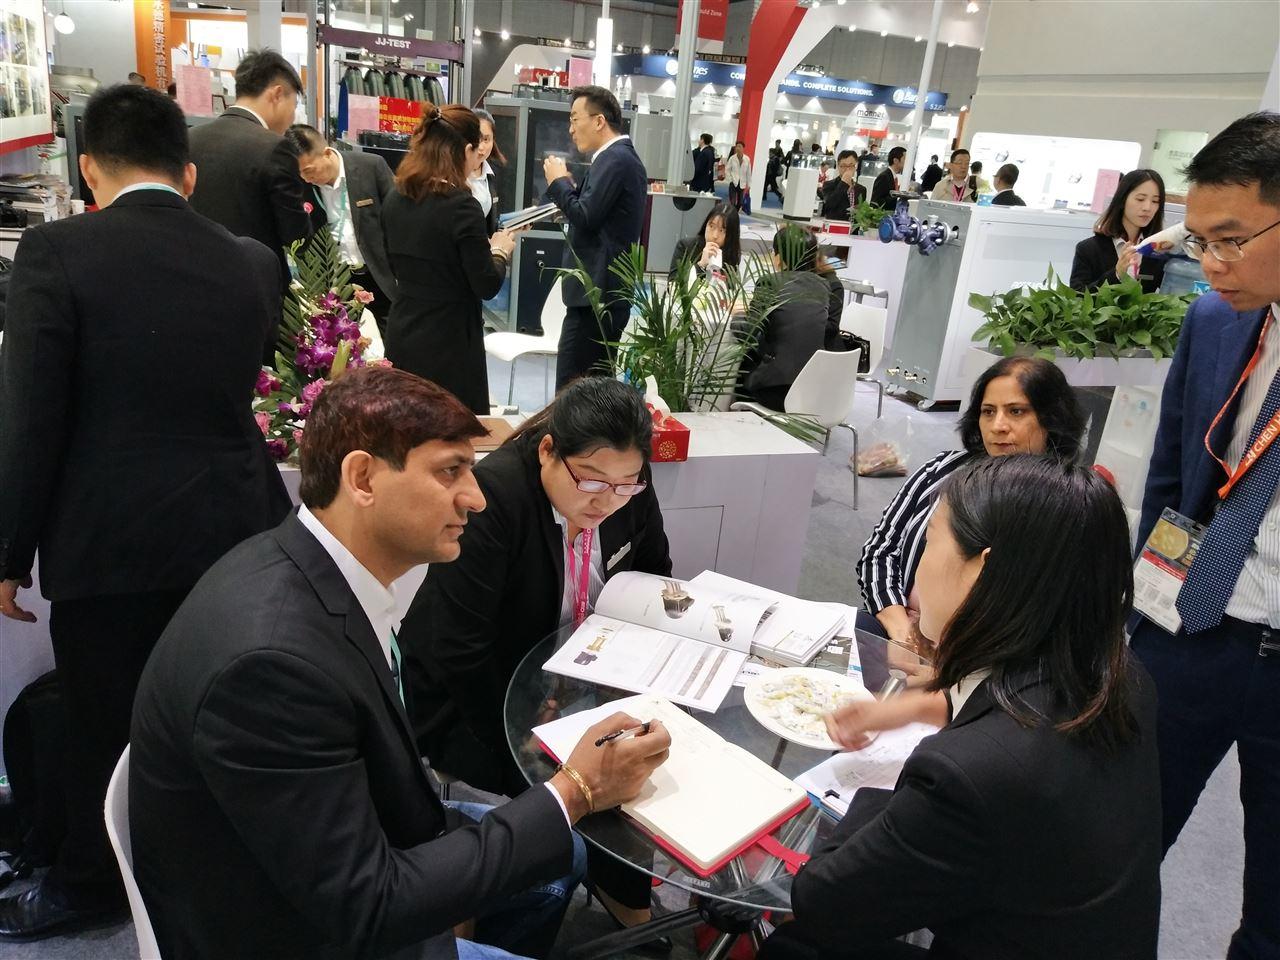 上海新世界博覽中心 橡膠技術裝備展